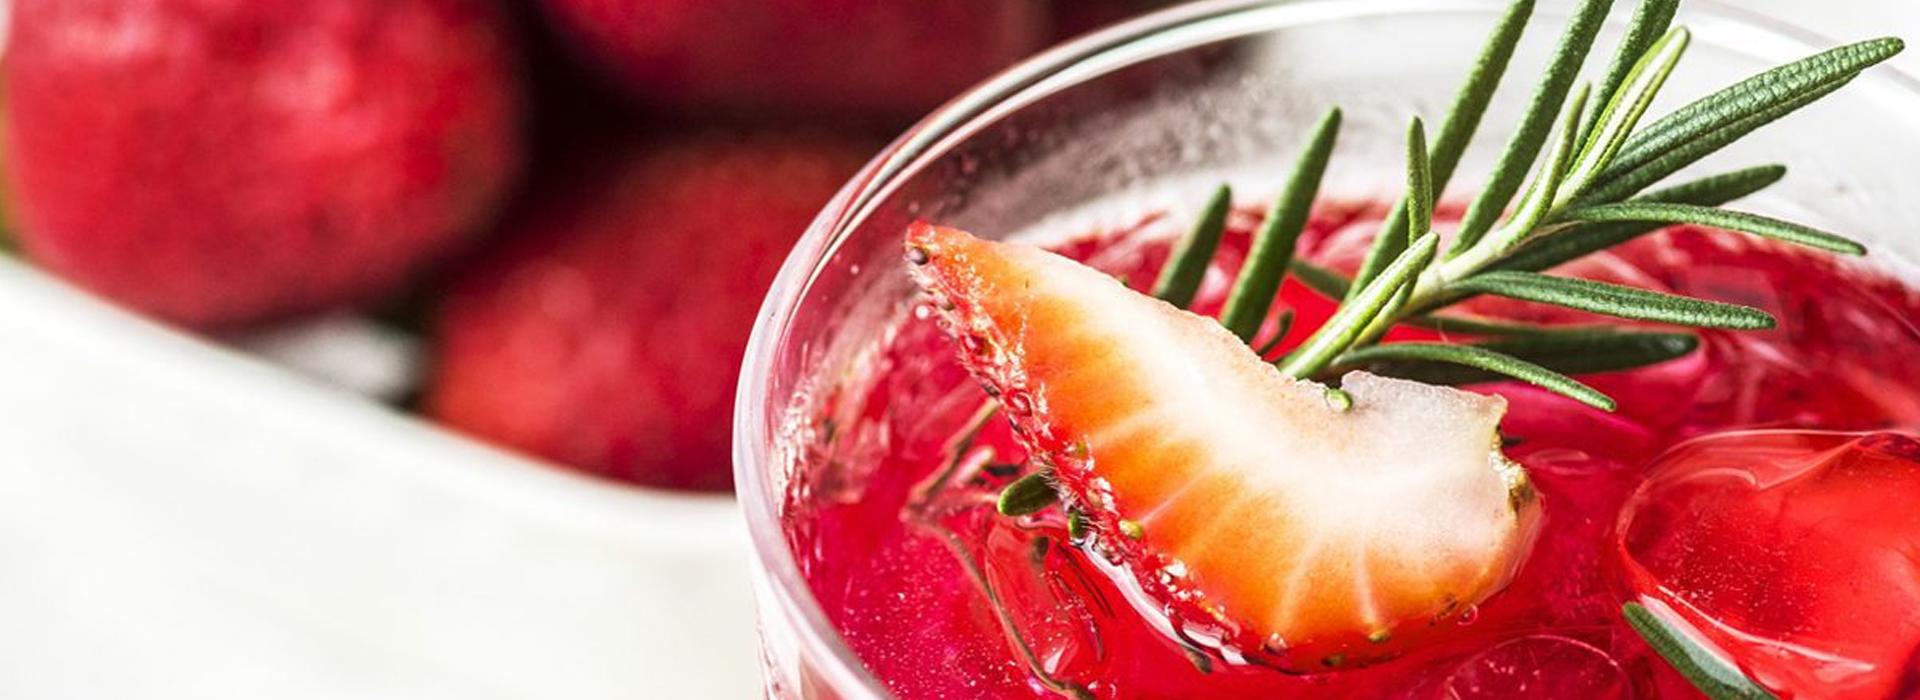 Erdbeer-Detox-Wasser